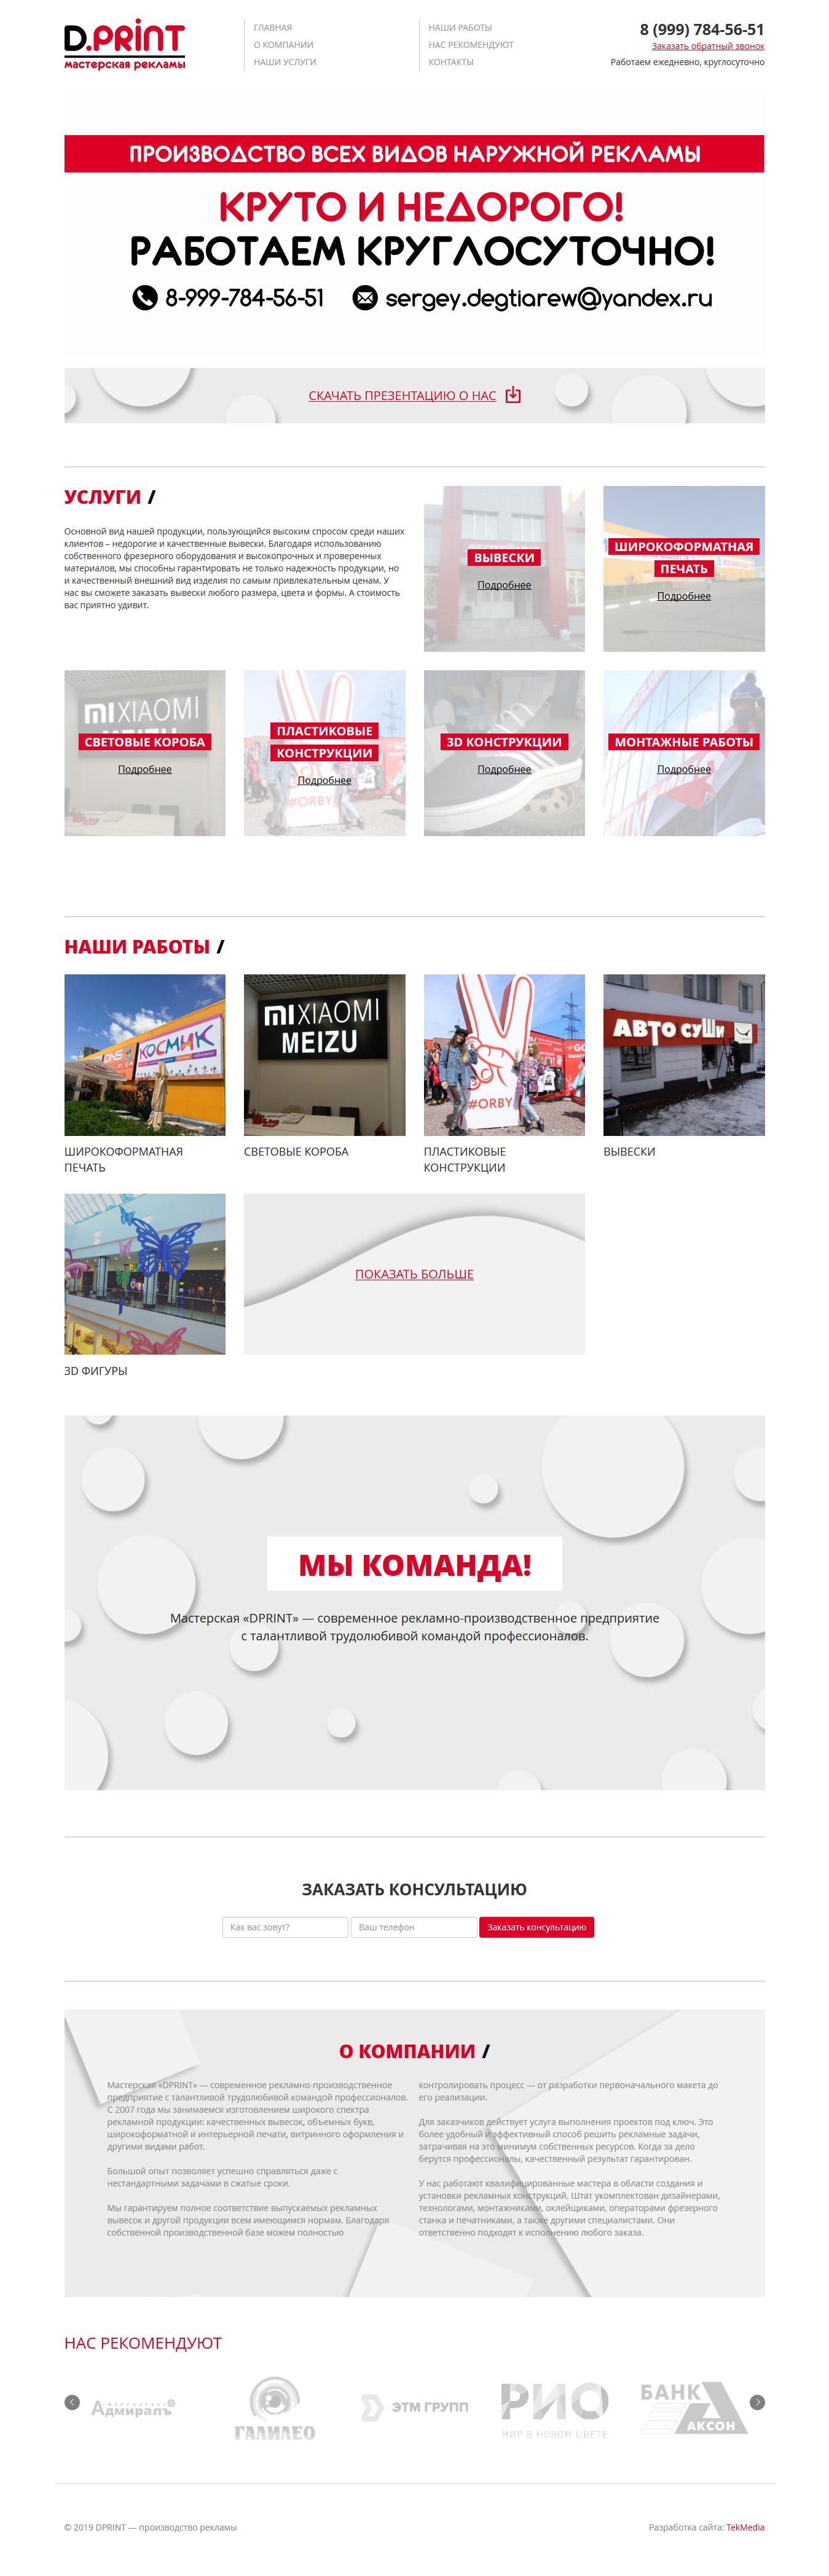 Сайт рекламного агентства «DPRINT». Создание сайтов в Костроме